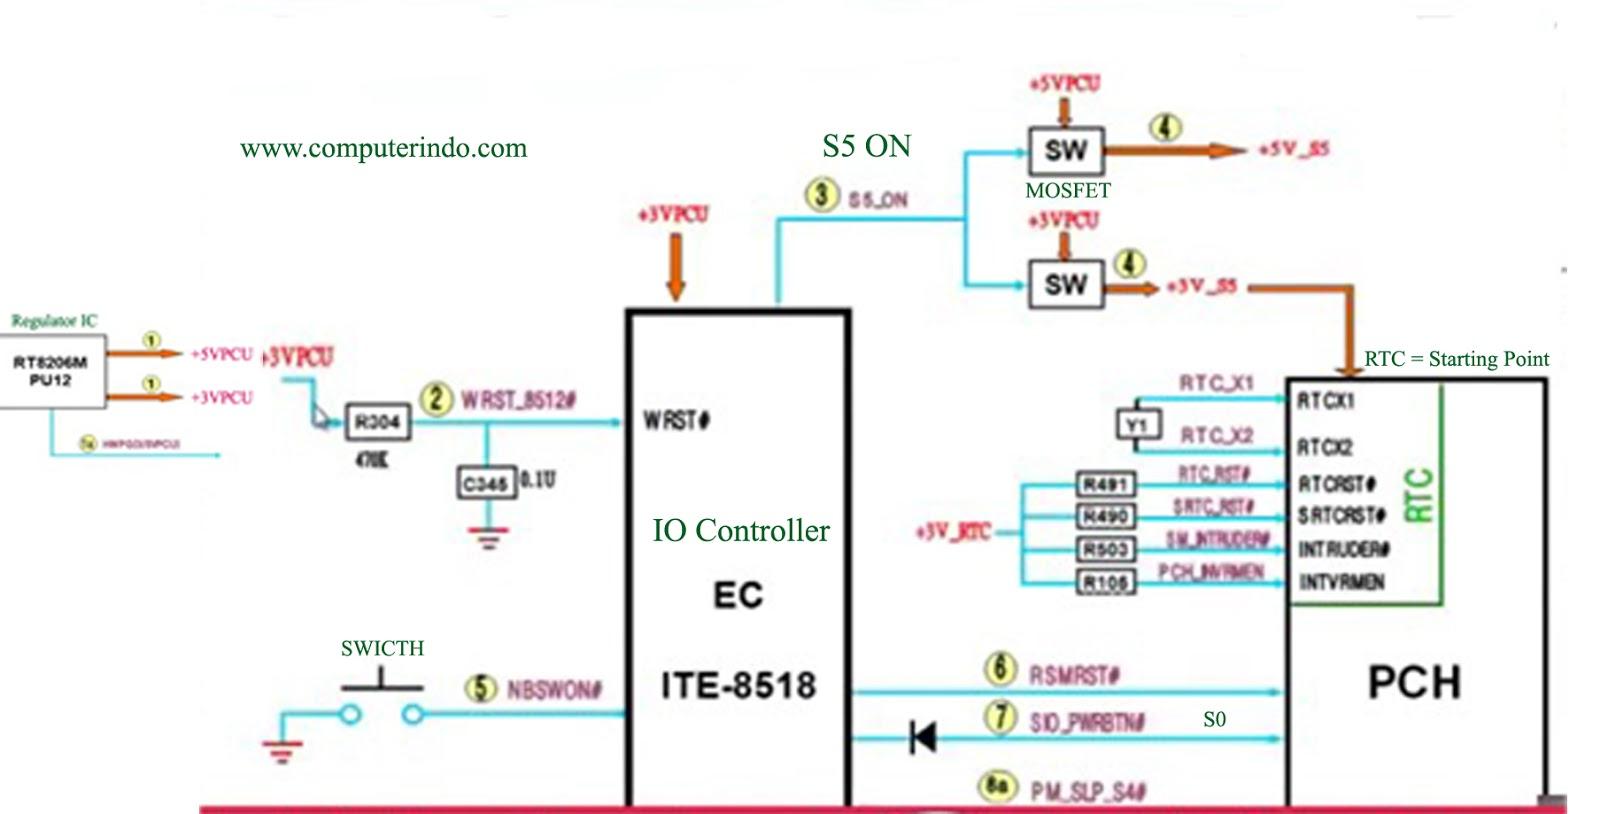 Schematic Diagram Laptop Best Tutorial Computerindo Usb Powered Battery Charger Circuit Gambar Skema Rangkaian Penjelasan Mengenai S5 S4 S3 S2 S1 Dan S0 Akan Di Bahas Pada Yg Lain